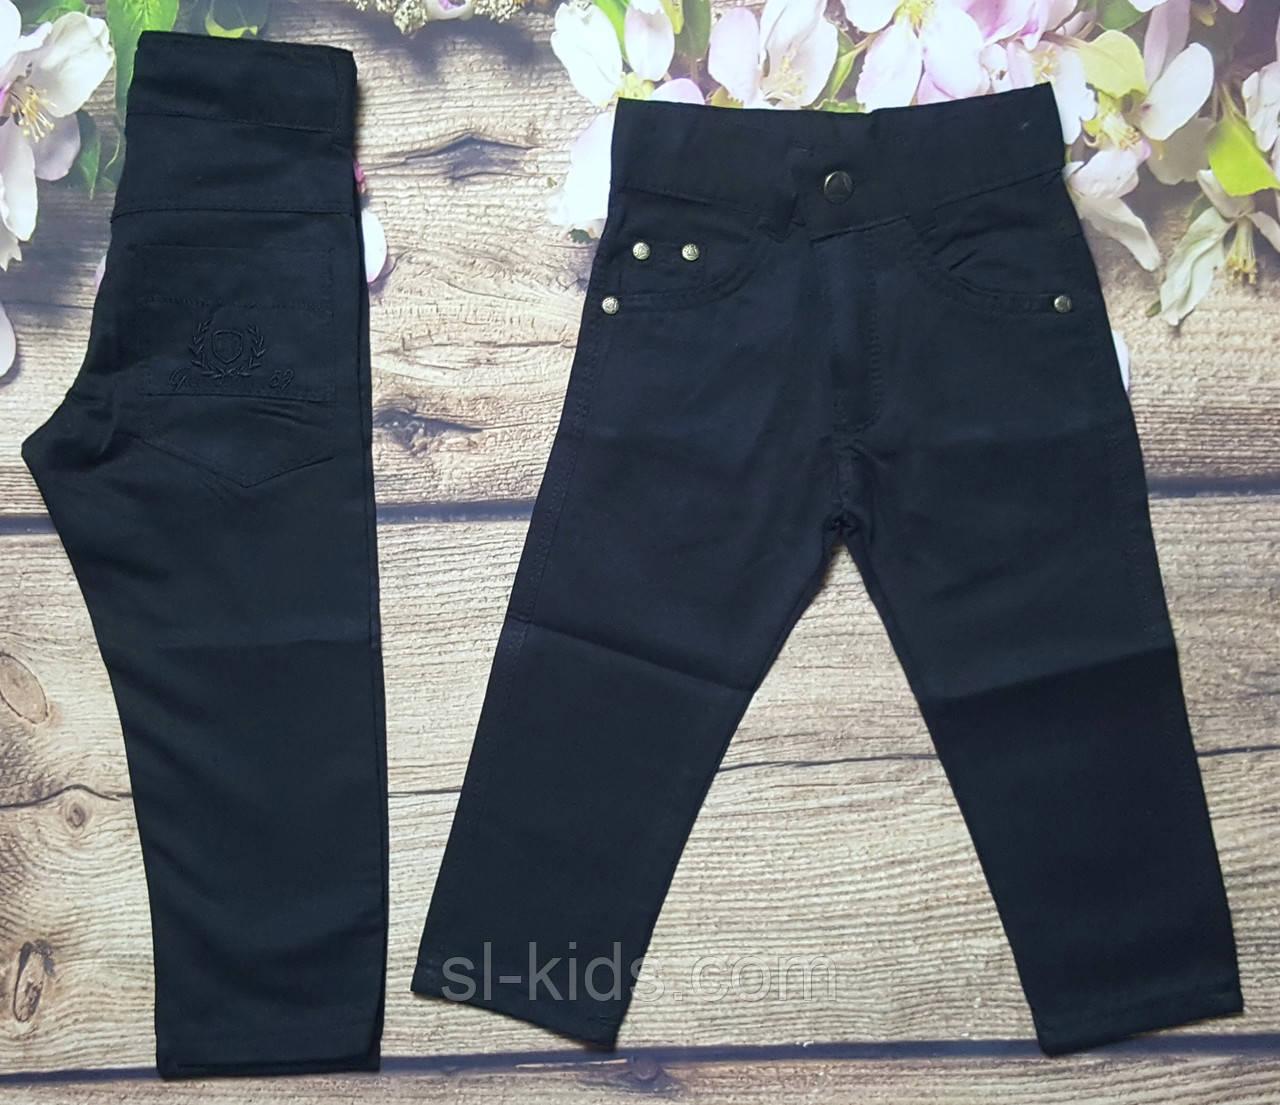 Яркие котоновые штаны для мальчика 3-7 лет (черные) опт пр.Турция